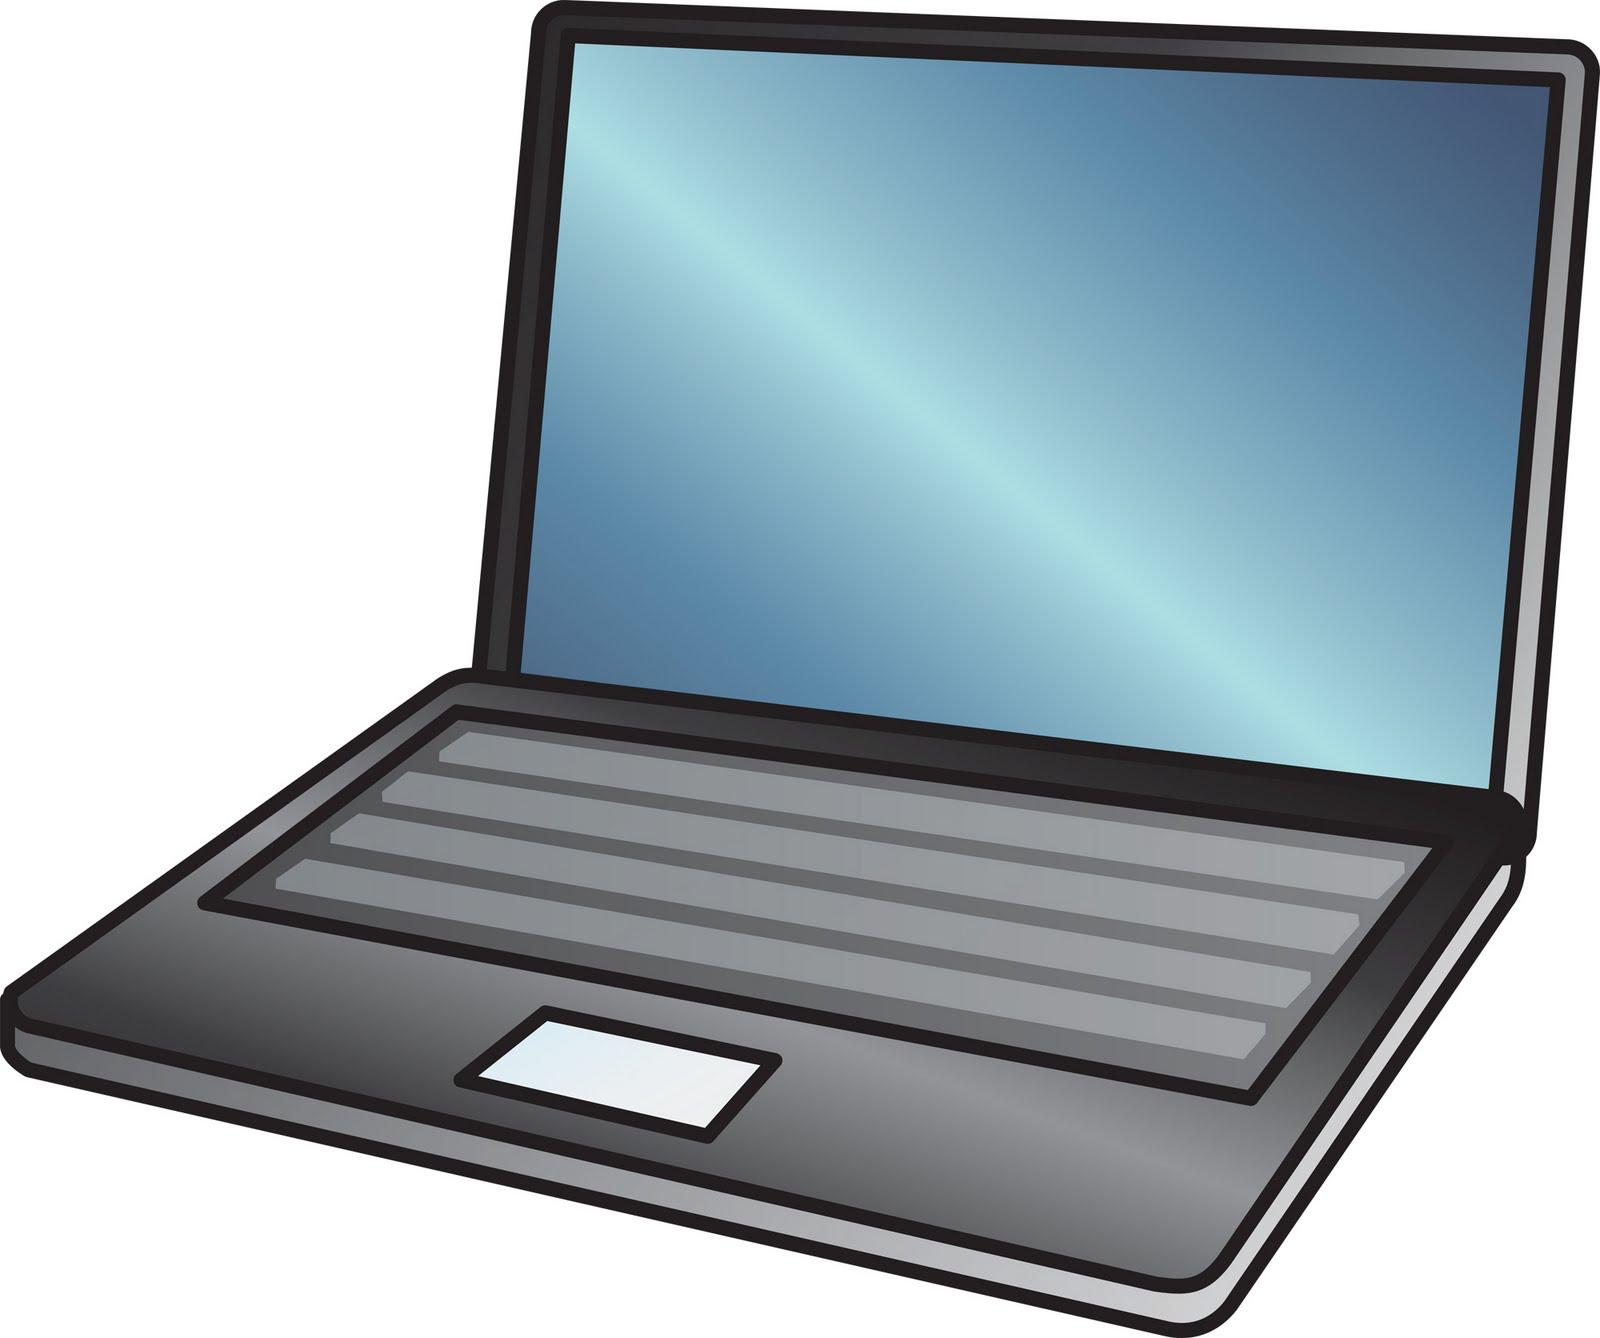 computer clipart - Computer Clip Art